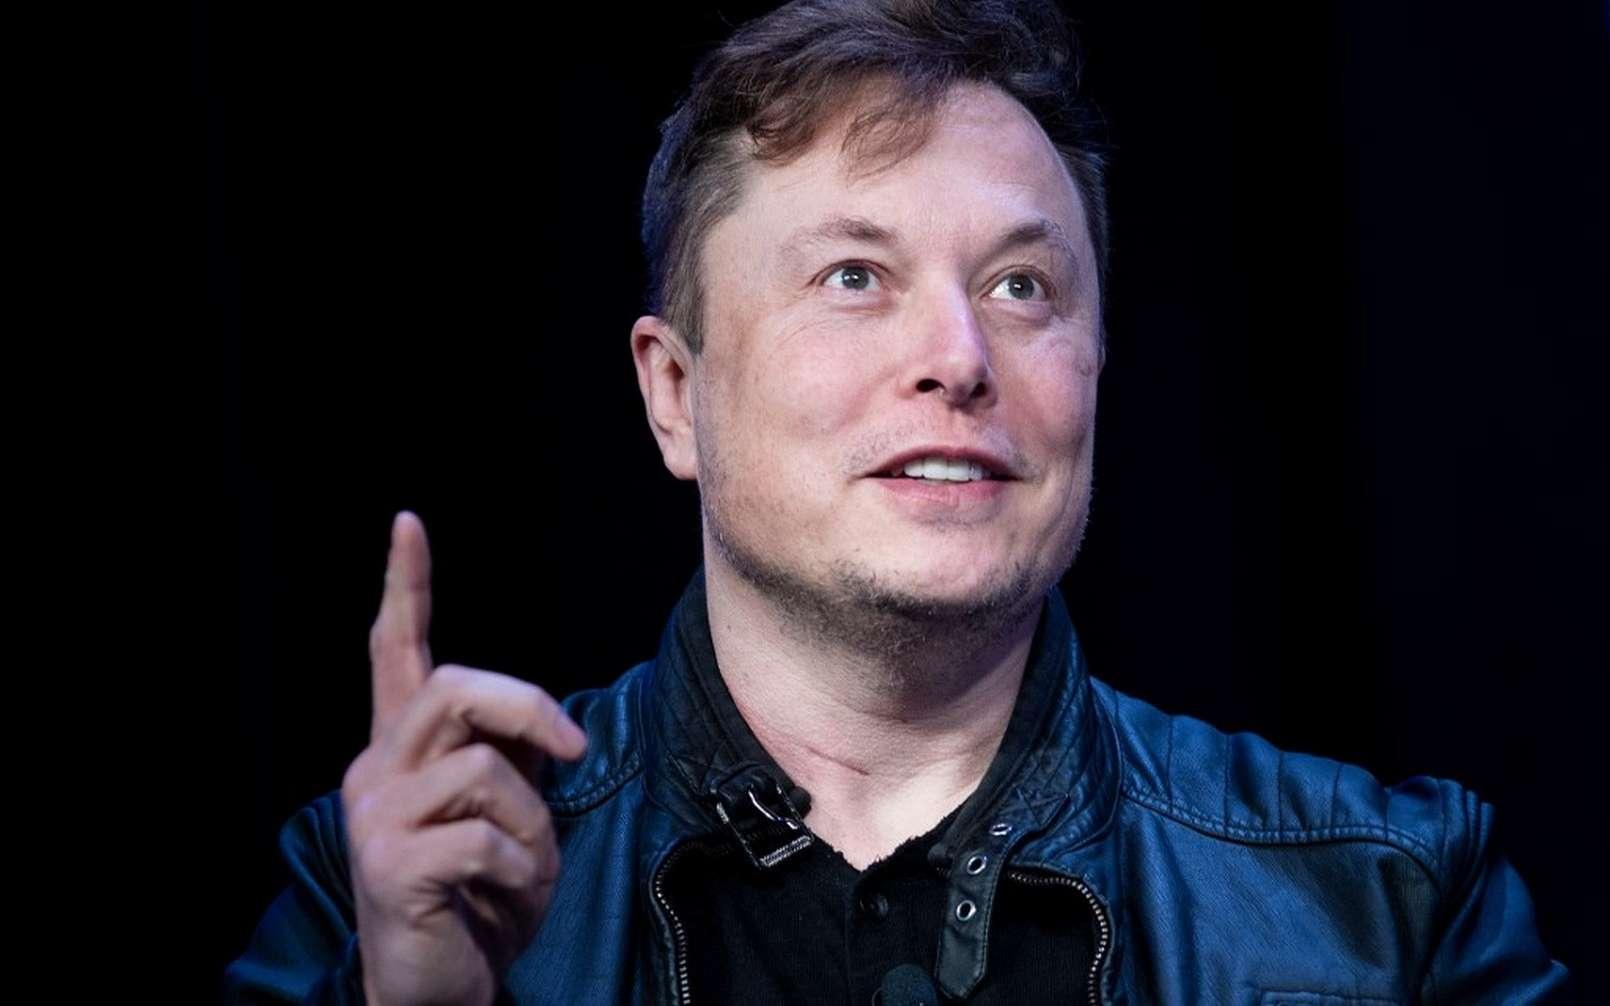 Elon Musk s'est employé à balayer les craintes des autorités chinoises concernant les risques d'espionnage par le truchement des Tesla. © Brendan Smialowski / AFP